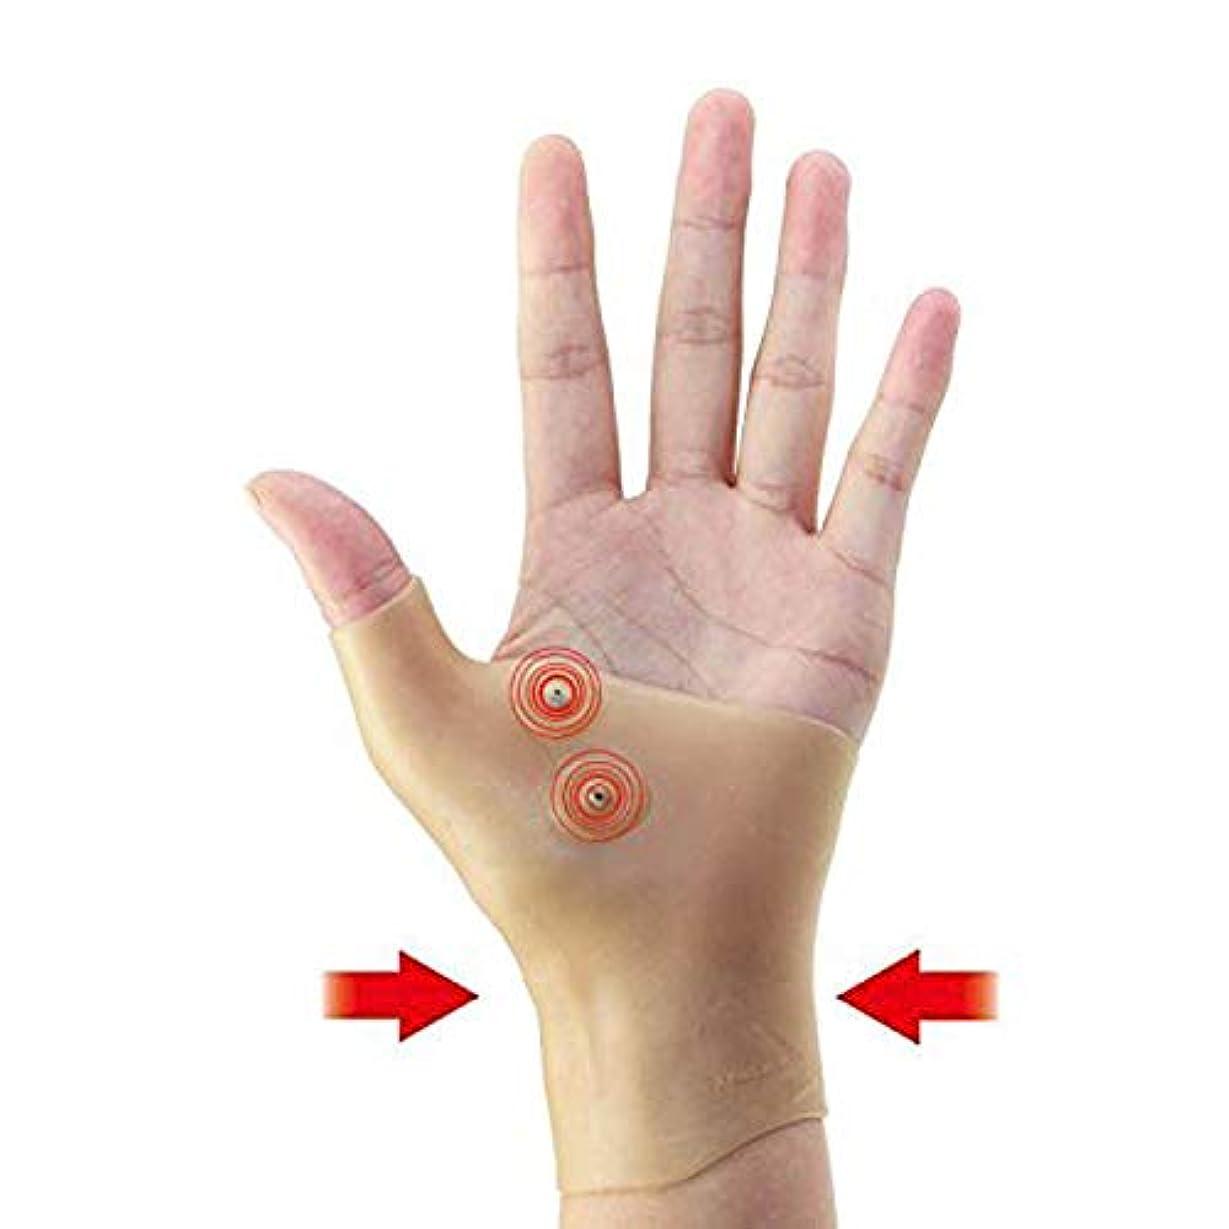 性的季節無許可磁気 圧縮手袋 - Delaman 指なし 手袋、健康手袋、圧着効果、疲労減少、健康関節、磁気療法、手首サポーター、ユニセックス